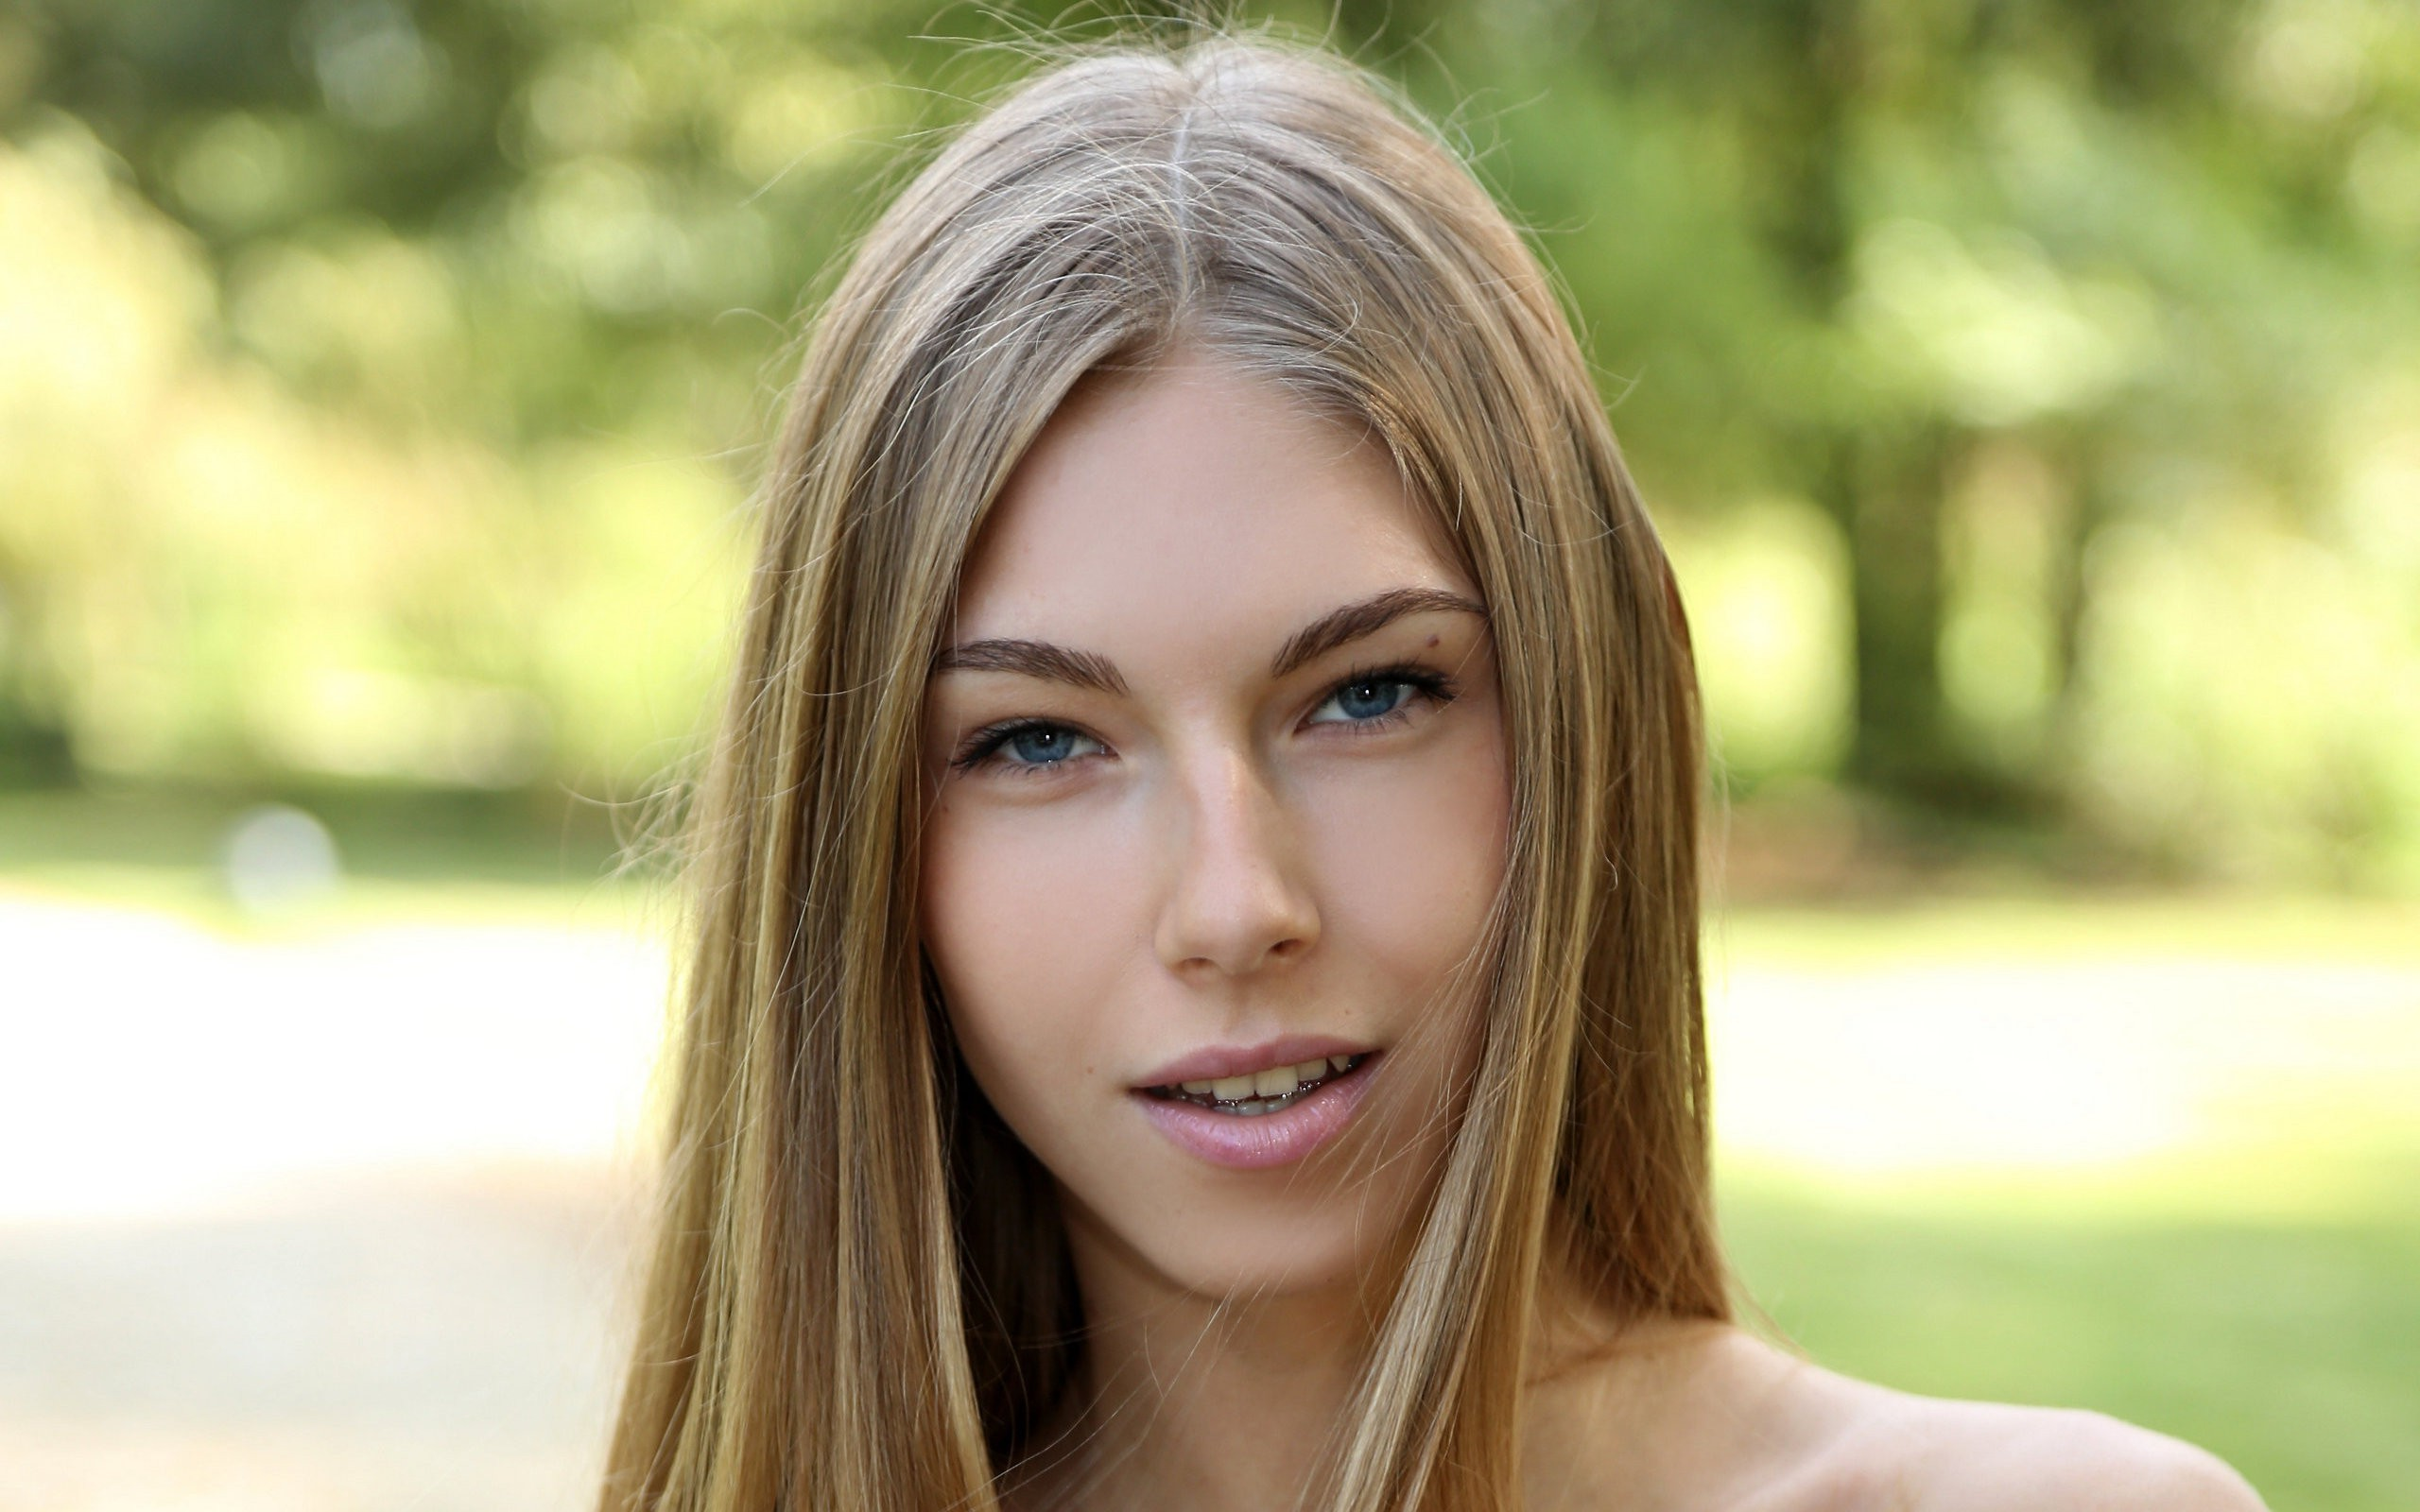 Krystal Boyd Widescreen